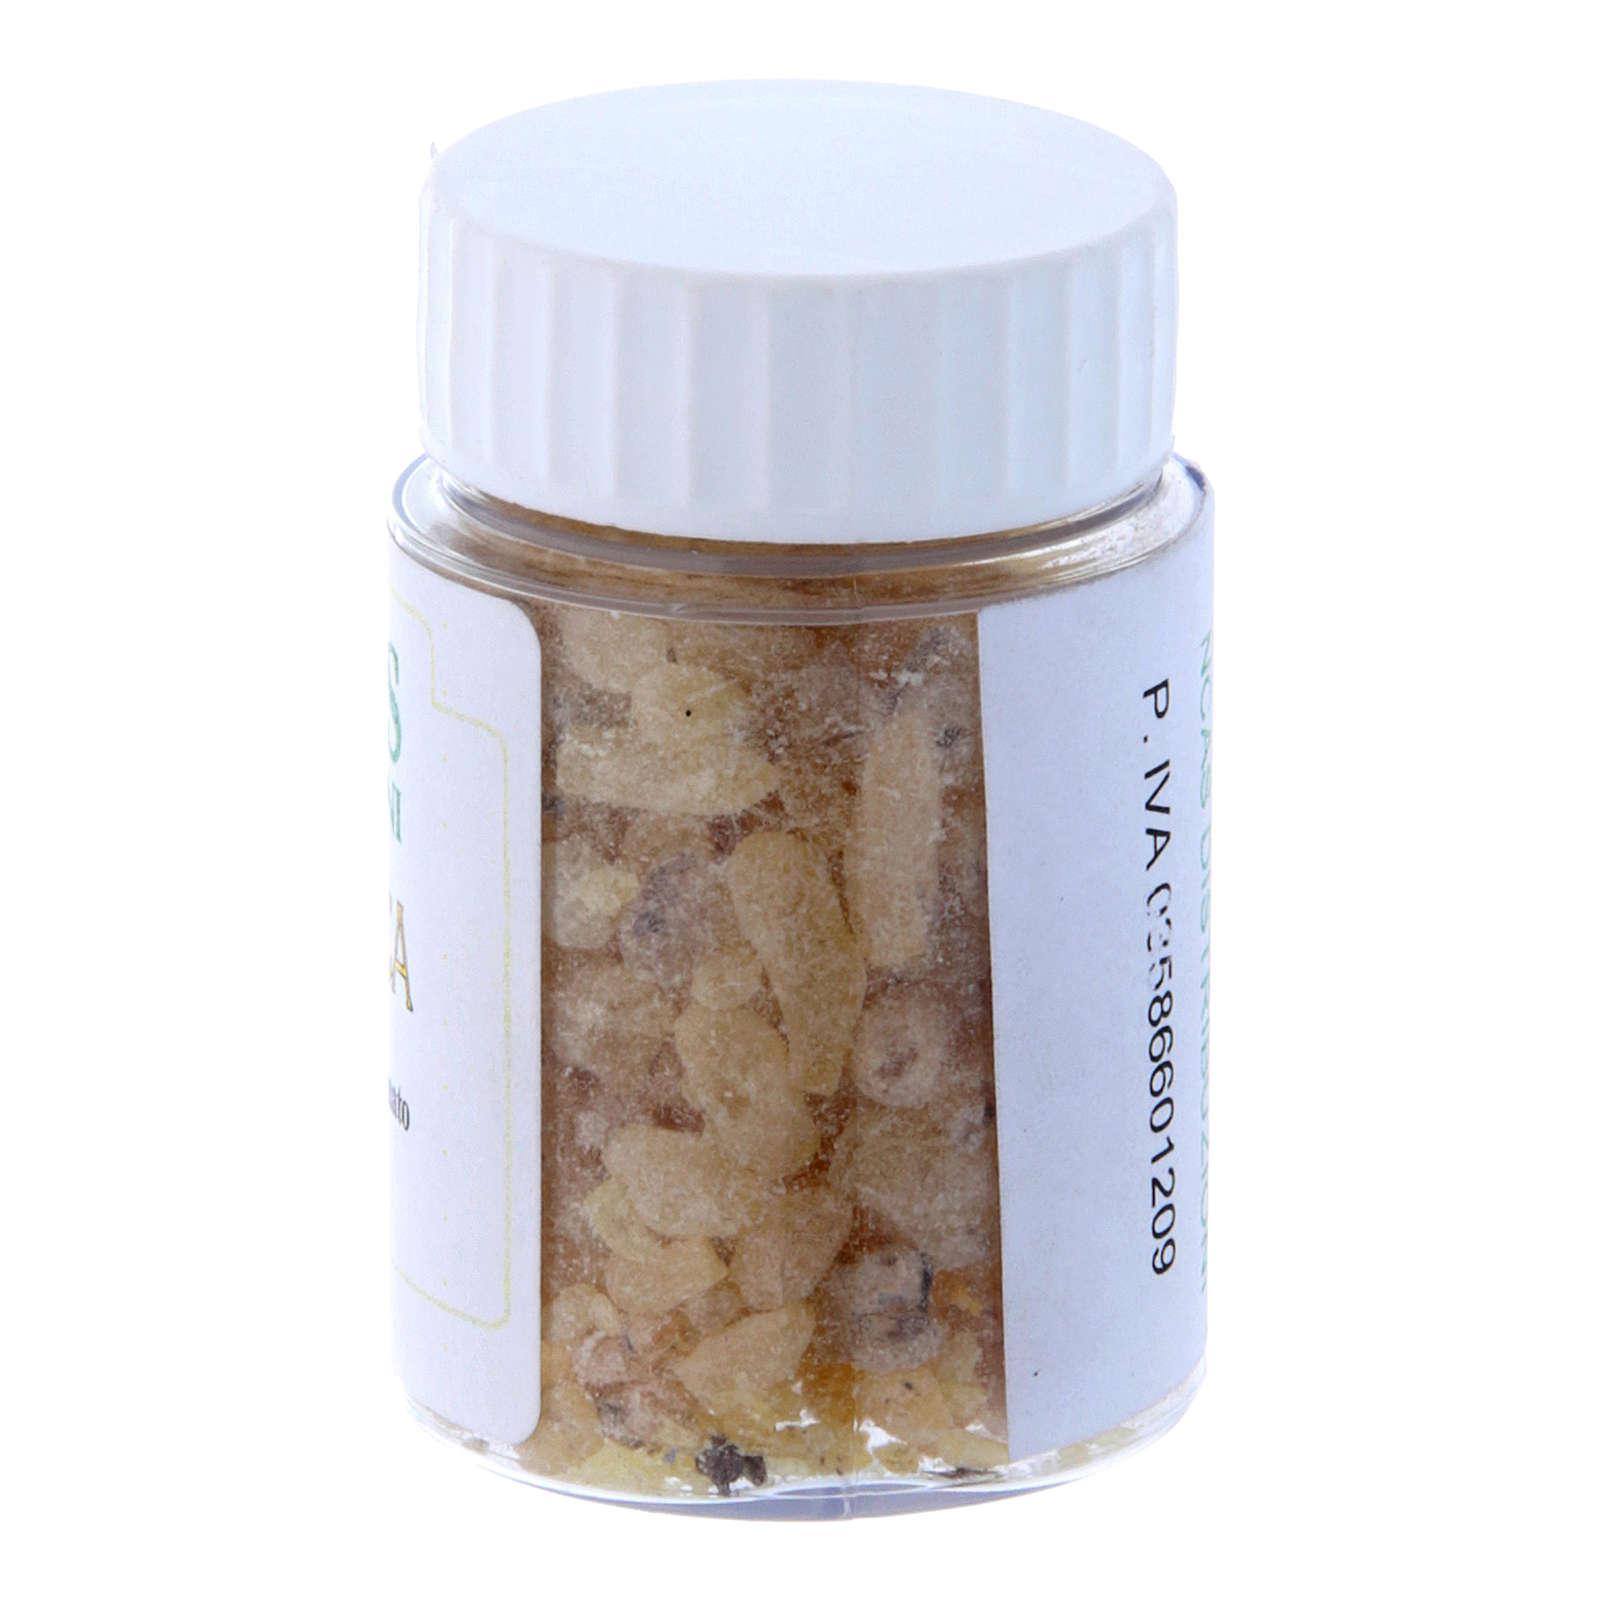 Incenso natural perfumado amostra 15 gr 3